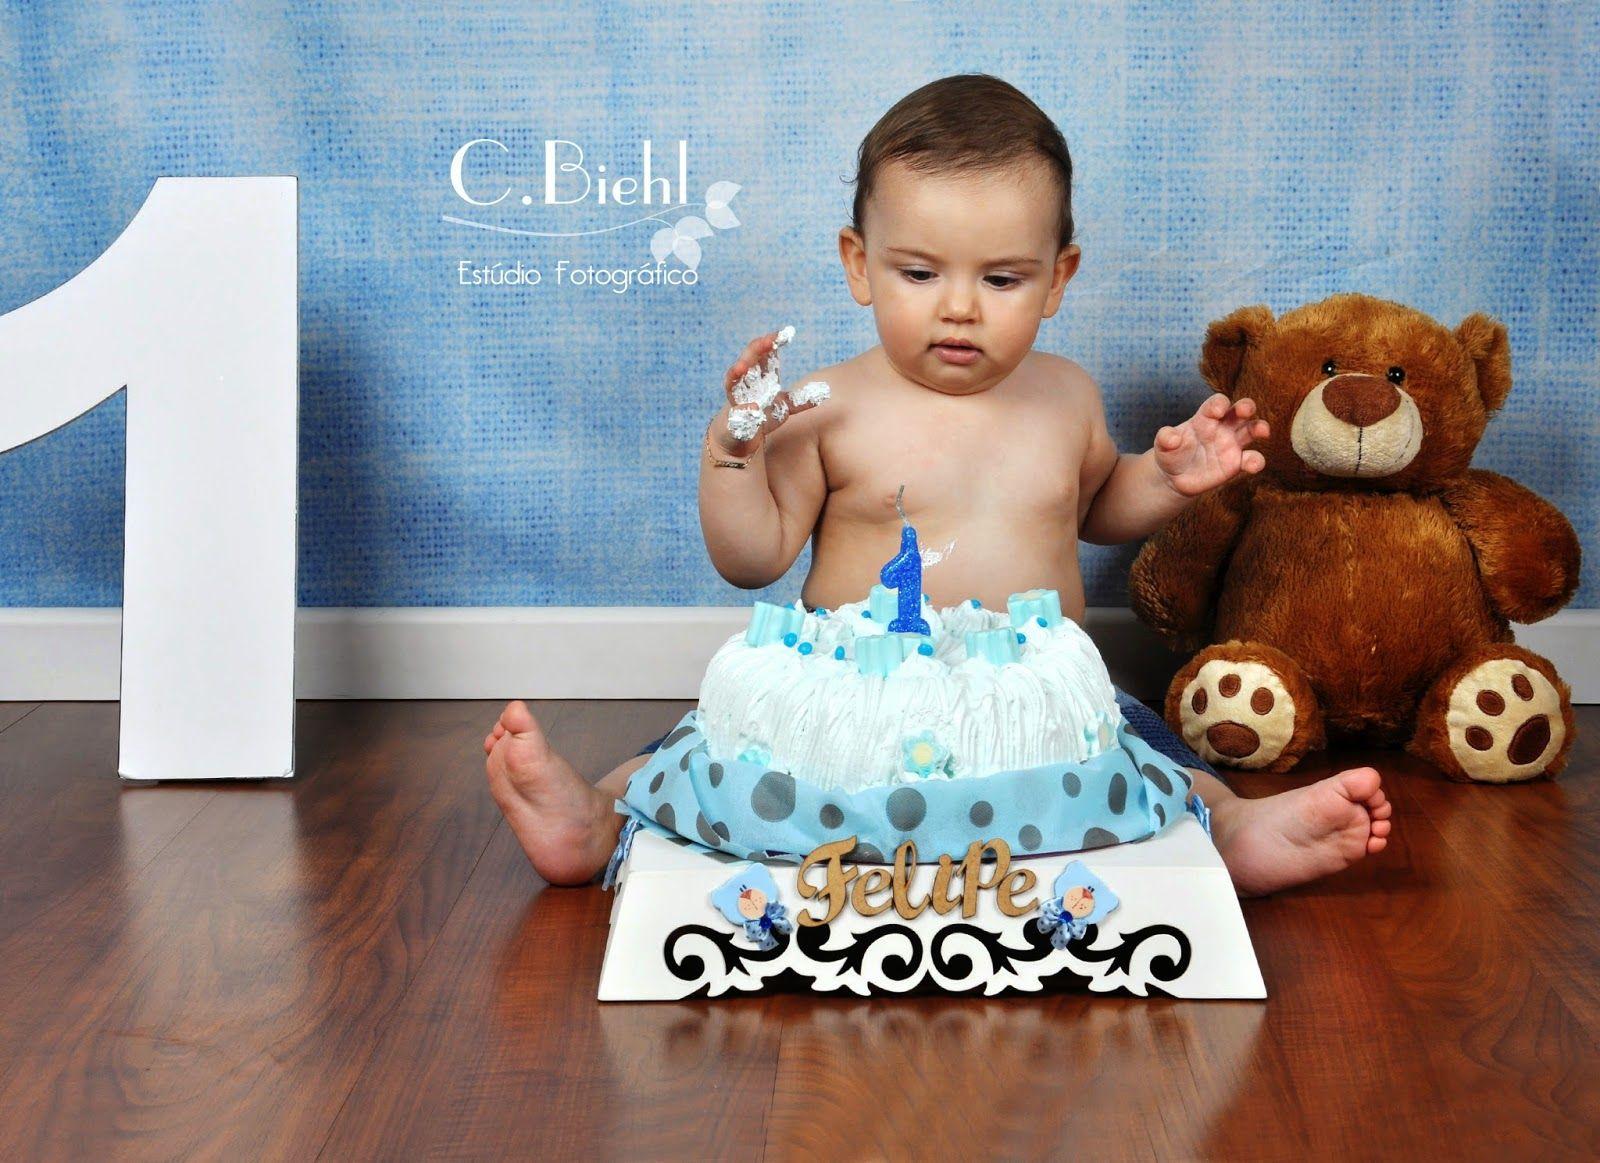 C.Biehl Fotografando: Smash the Cake - Porto Alegre - C.Biehl Estúdio Fotográfico - 1 aninho, fotografia de família, fotografia em estúdio, ensaio de criança, ensaio externo, photoshoot, 1 year old boy, book fotográfico de menino, ensaio fotográfico externo, book de família, fotografia, photoshoot  www.cbiehl.com.br